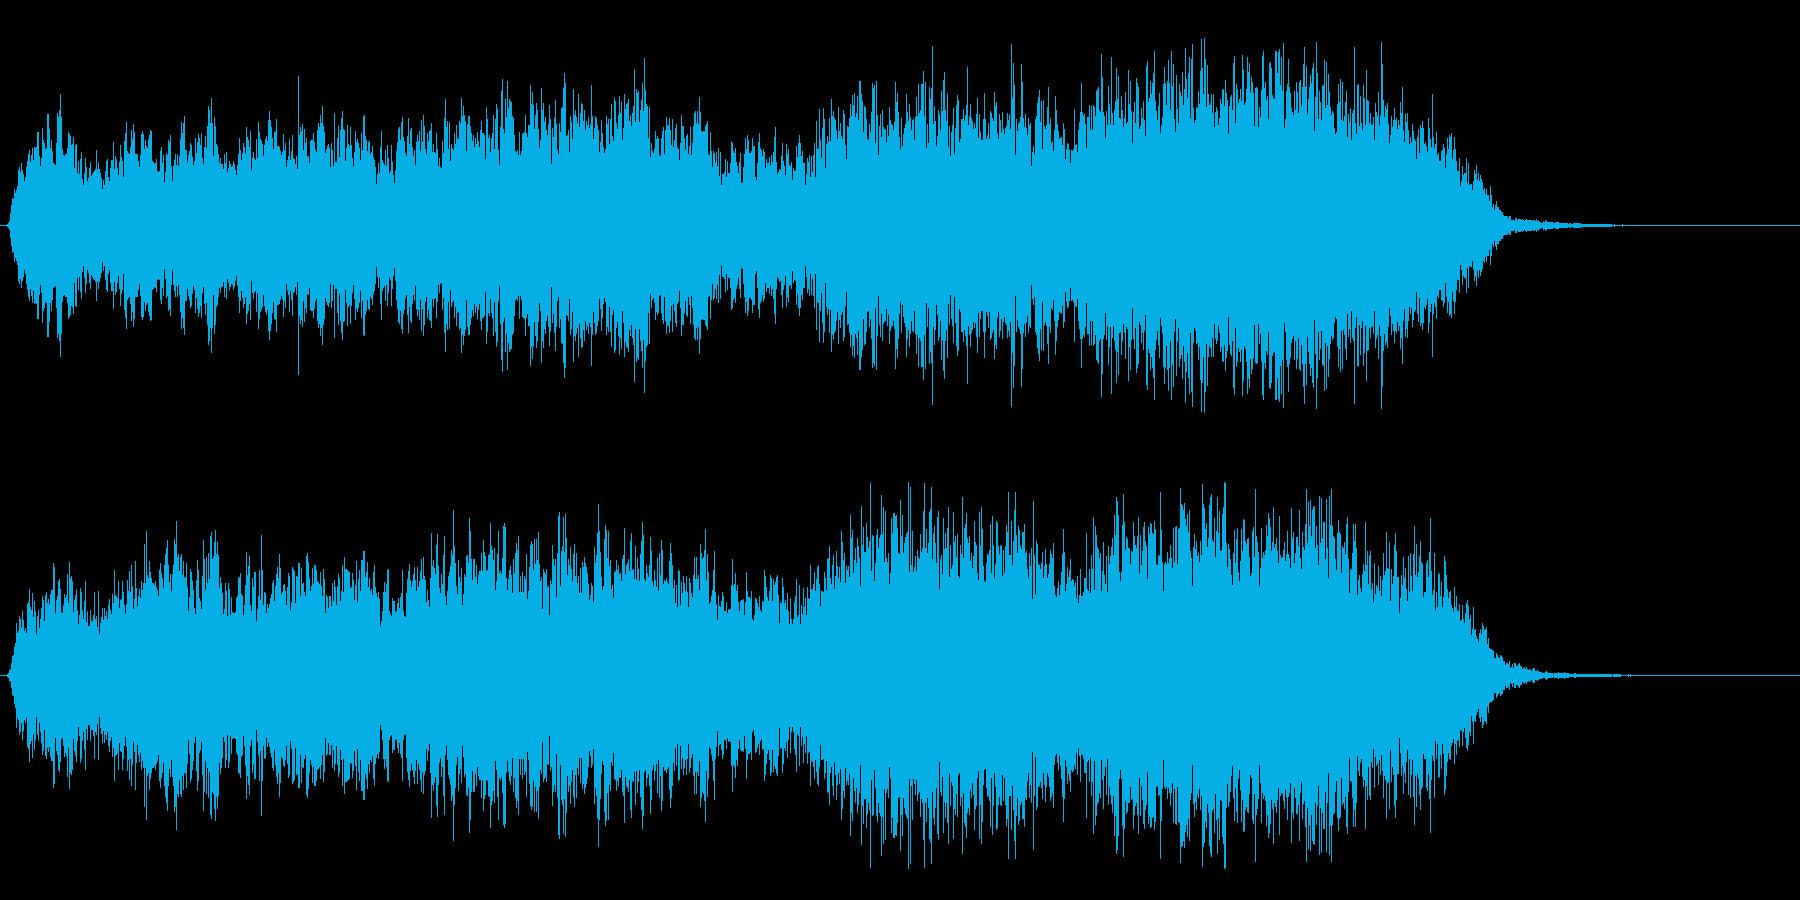 ファンタジーな壮大な神々しい合唱 20秒の再生済みの波形